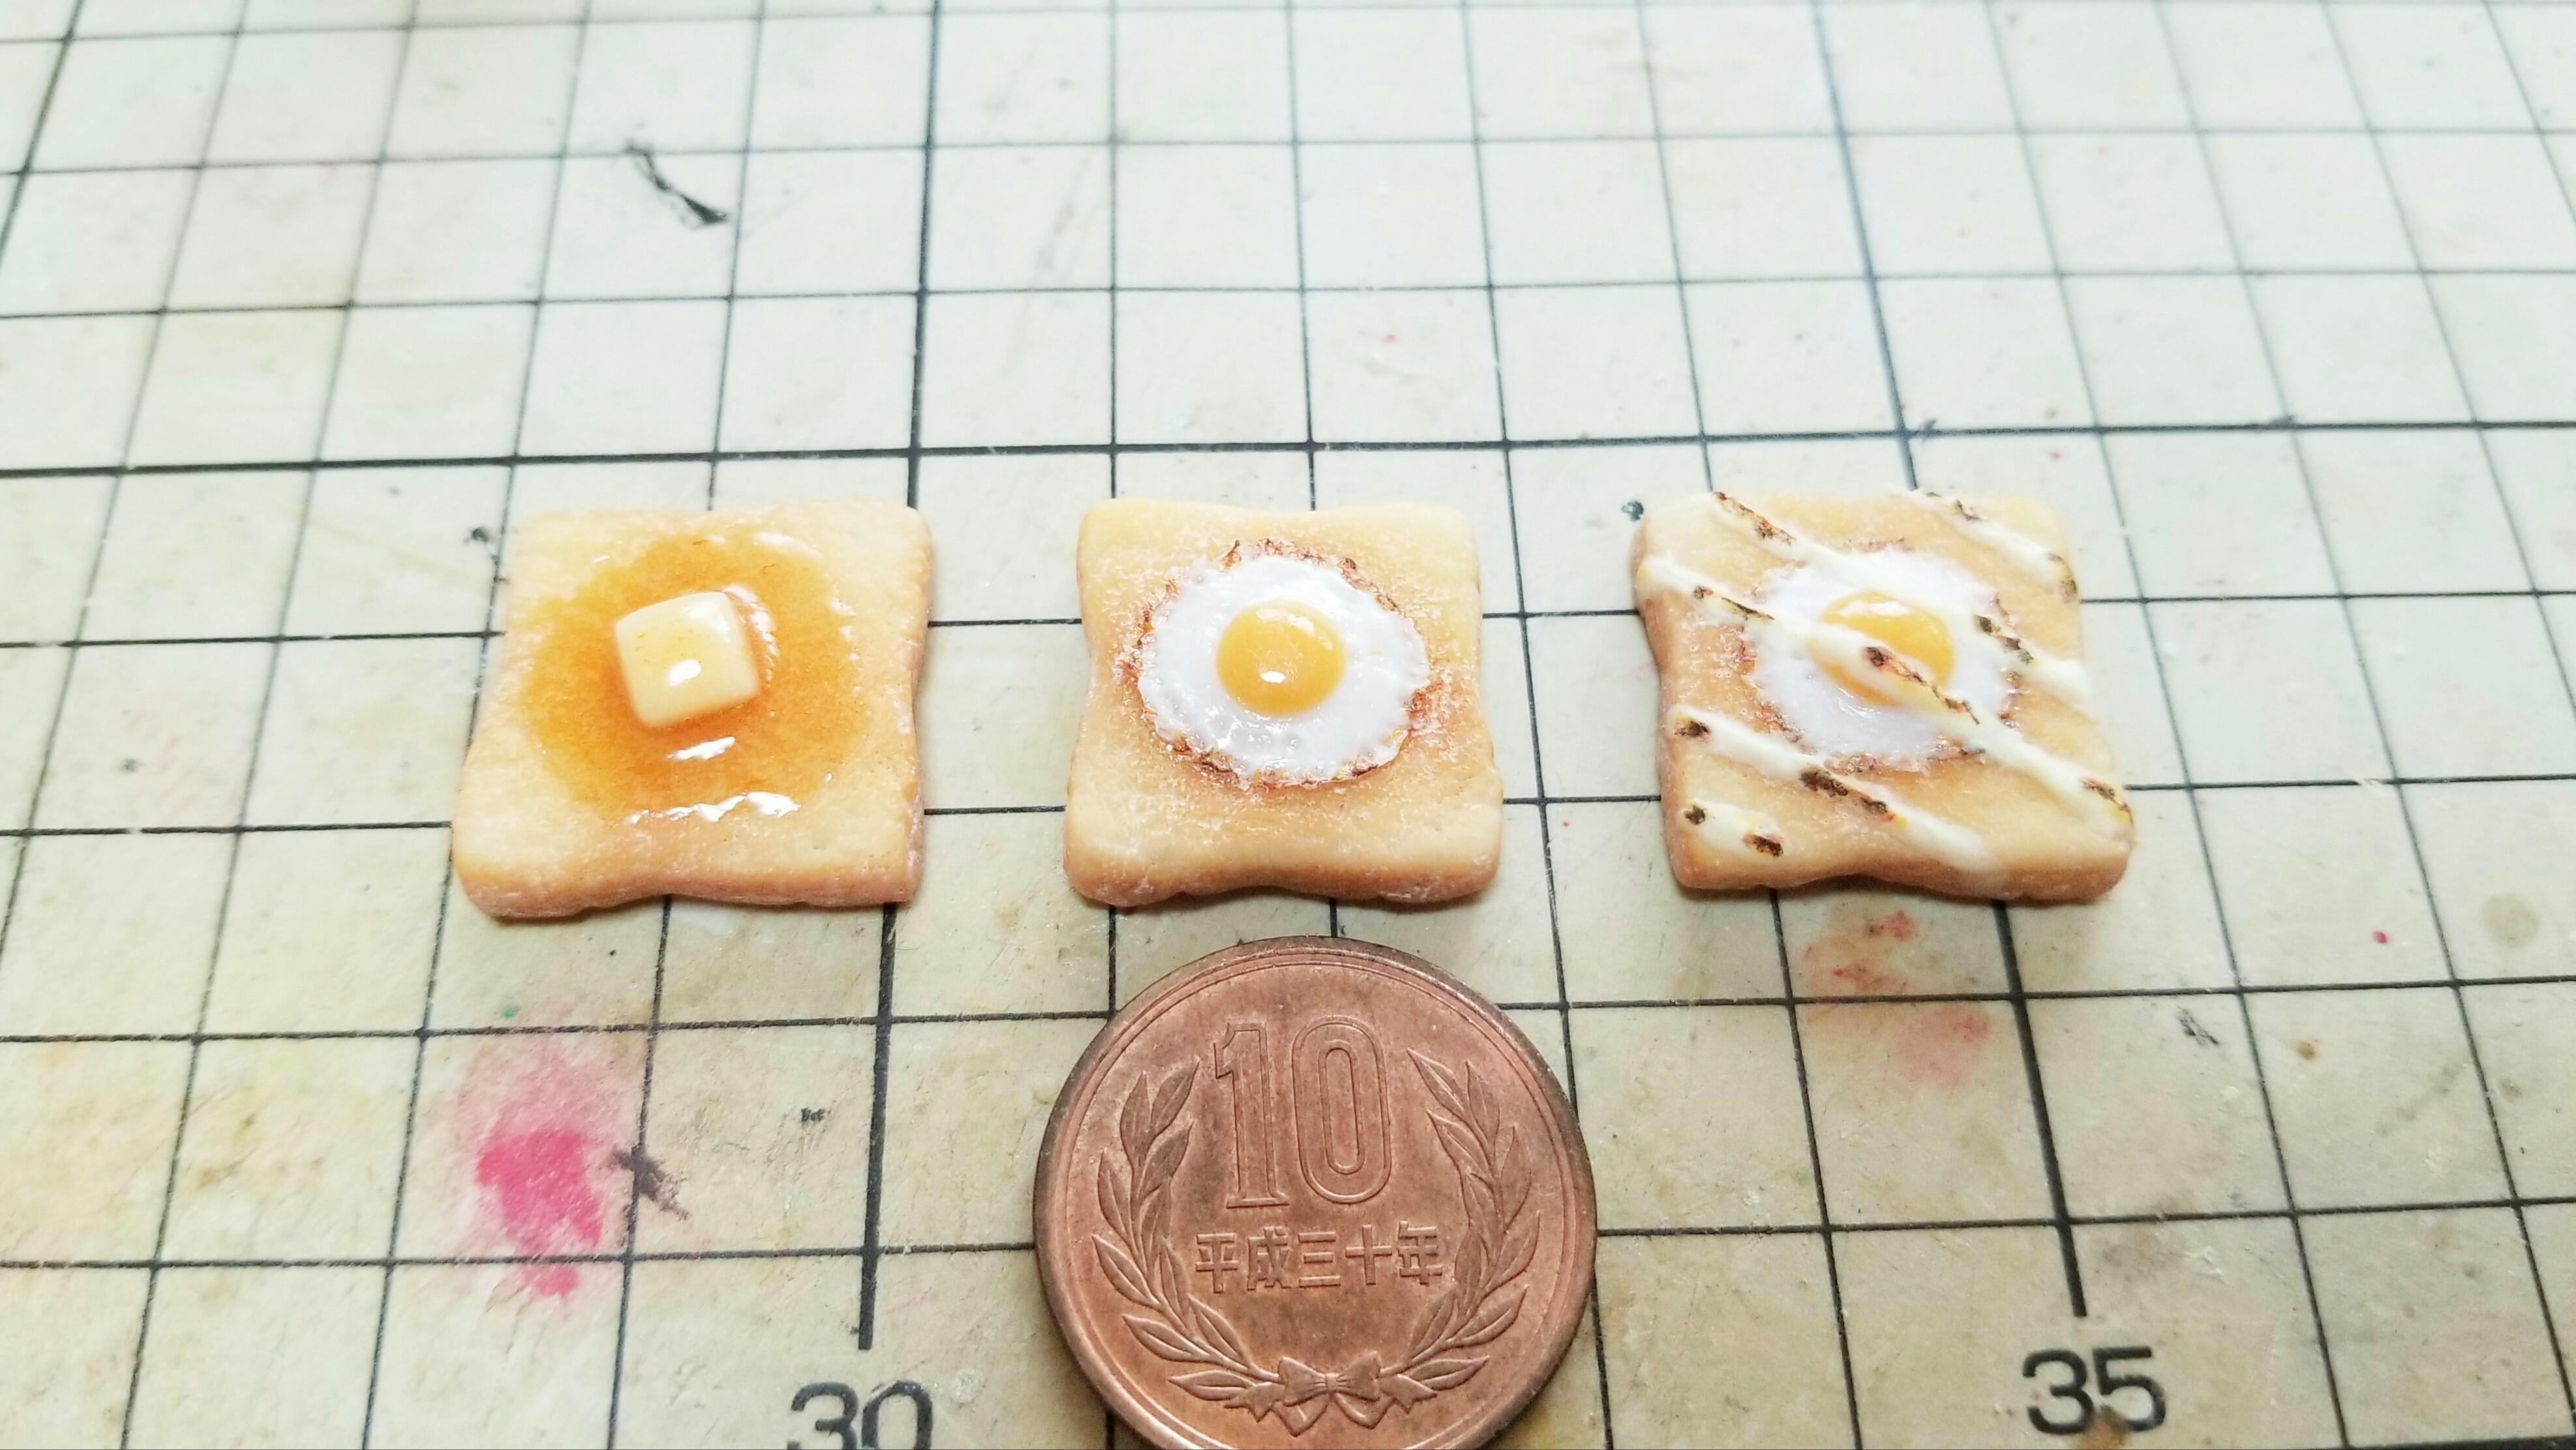 ミニチュアフードの世界フェイク食パントースト食品サンプルリアルな